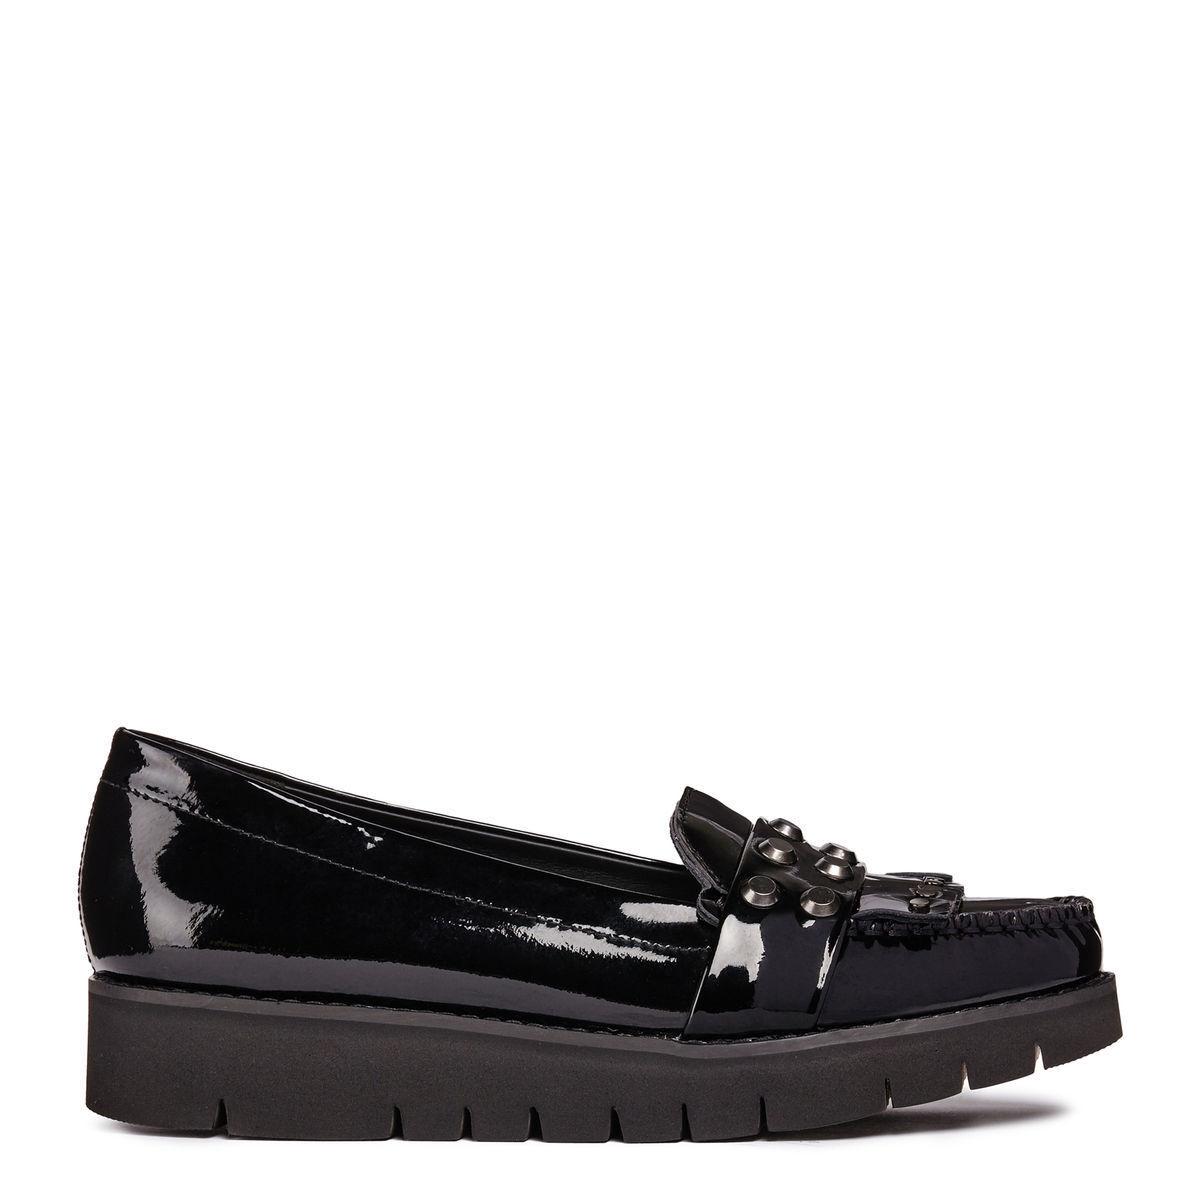 più economico GEOX scarpa scarpa scarpa donna nero mocassino Blenda nero vernice D840BB autunno inverno  nelle promozioni dello stadio